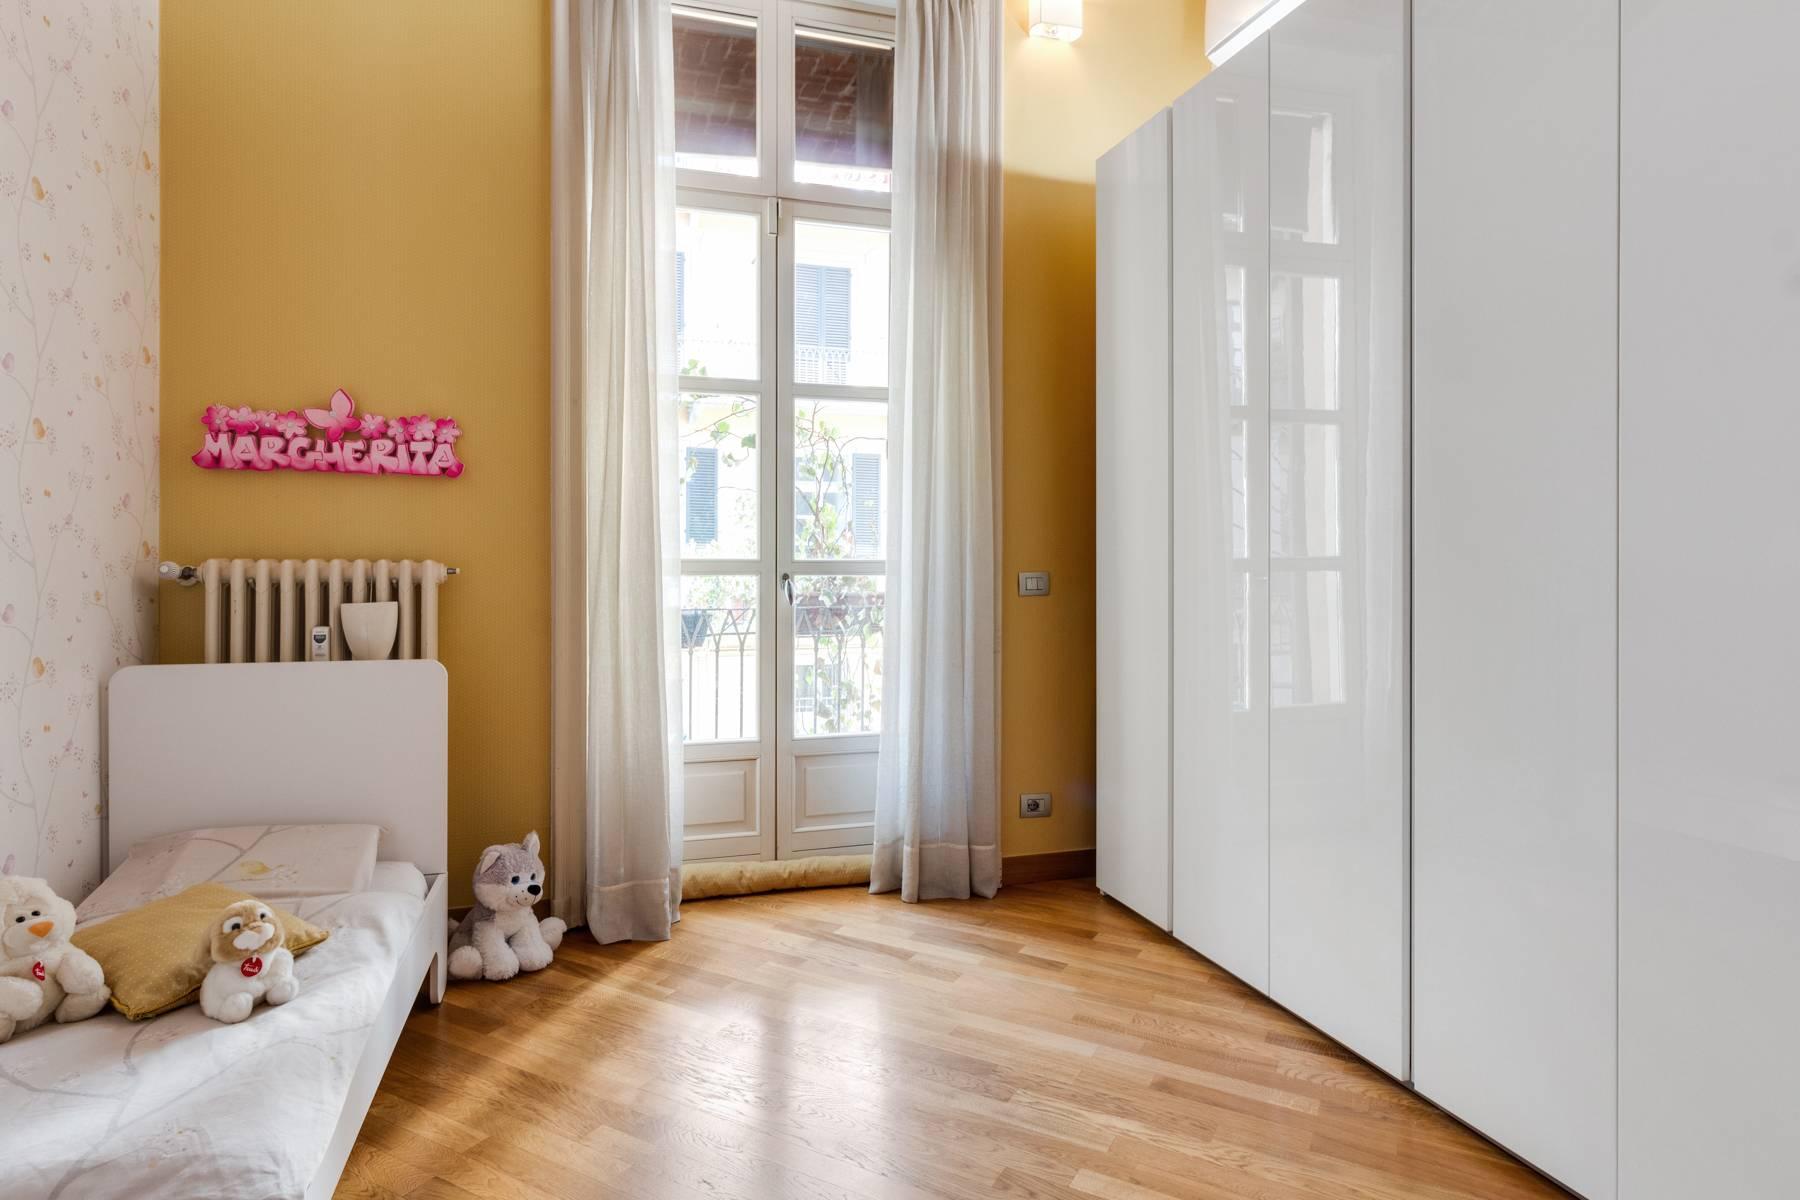 Appartamento in Vendita a Torino: 4 locali, 118 mq - Foto 19